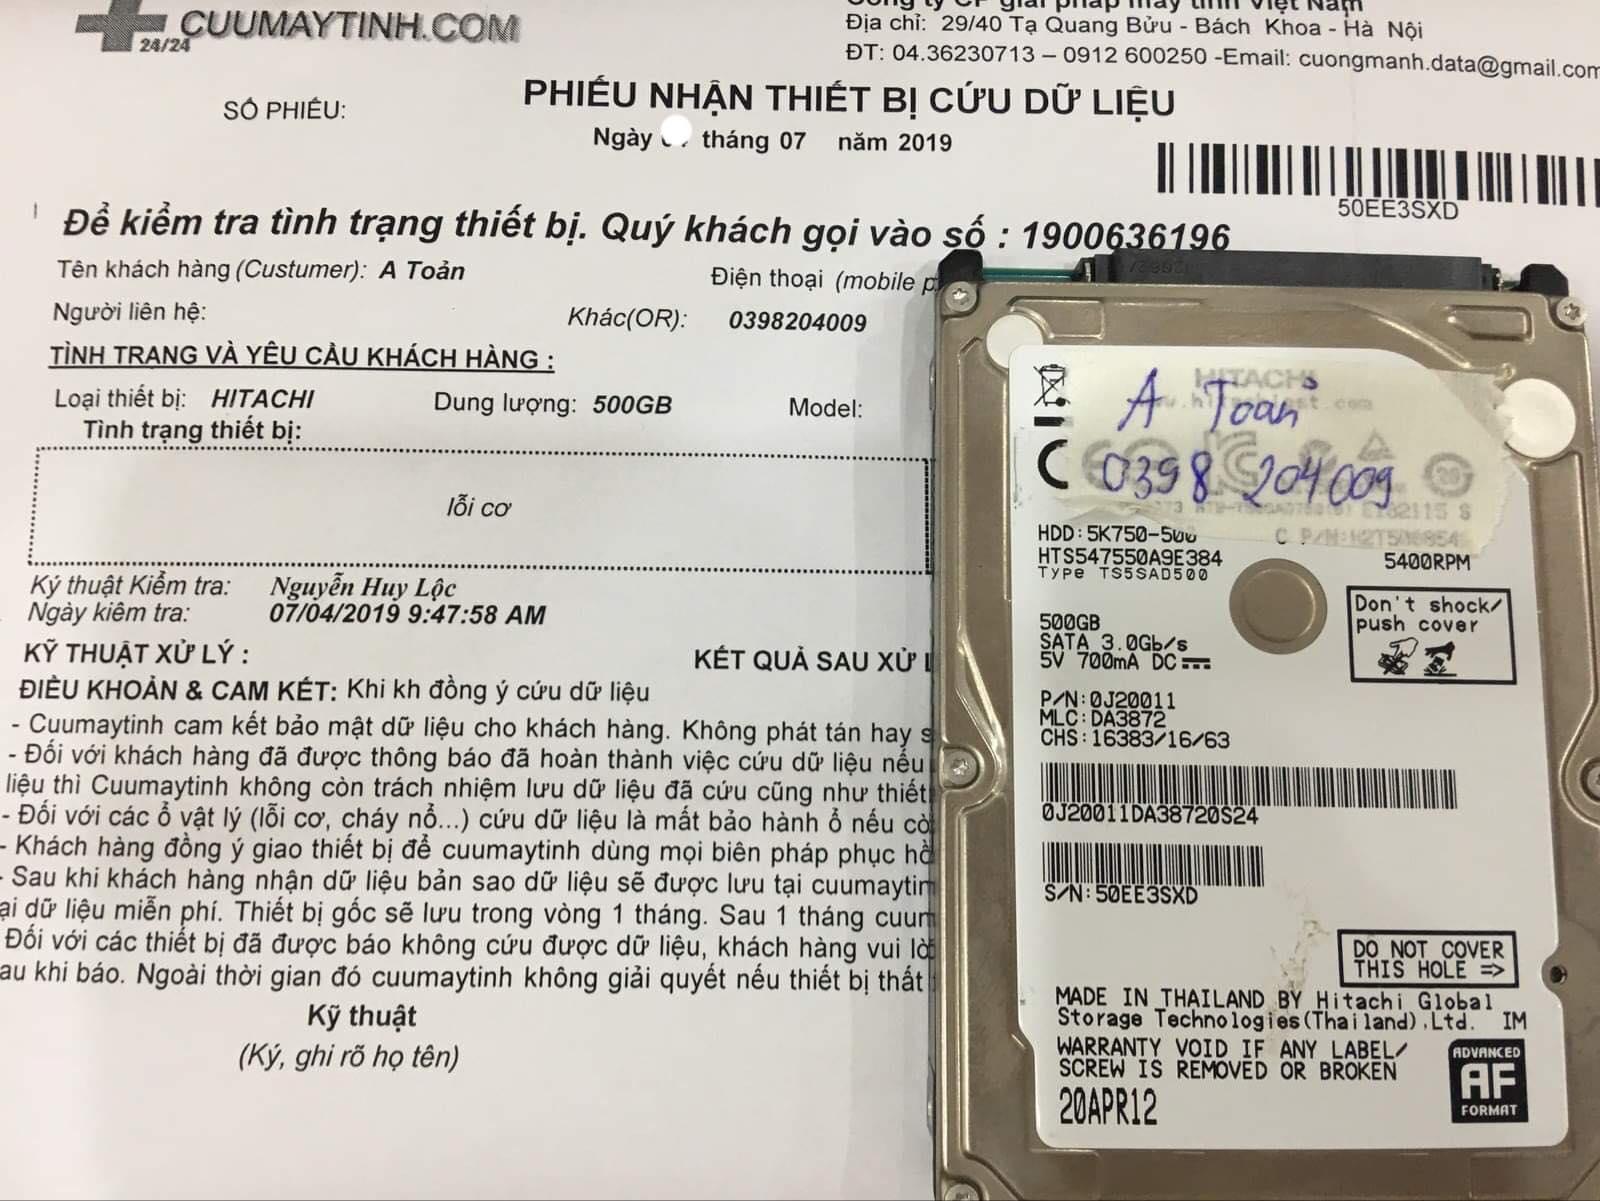 Lấy dữ liệu ổ cứng Hitachi 500GB lỗi cơ 18/07/2019 - cuumaytinh